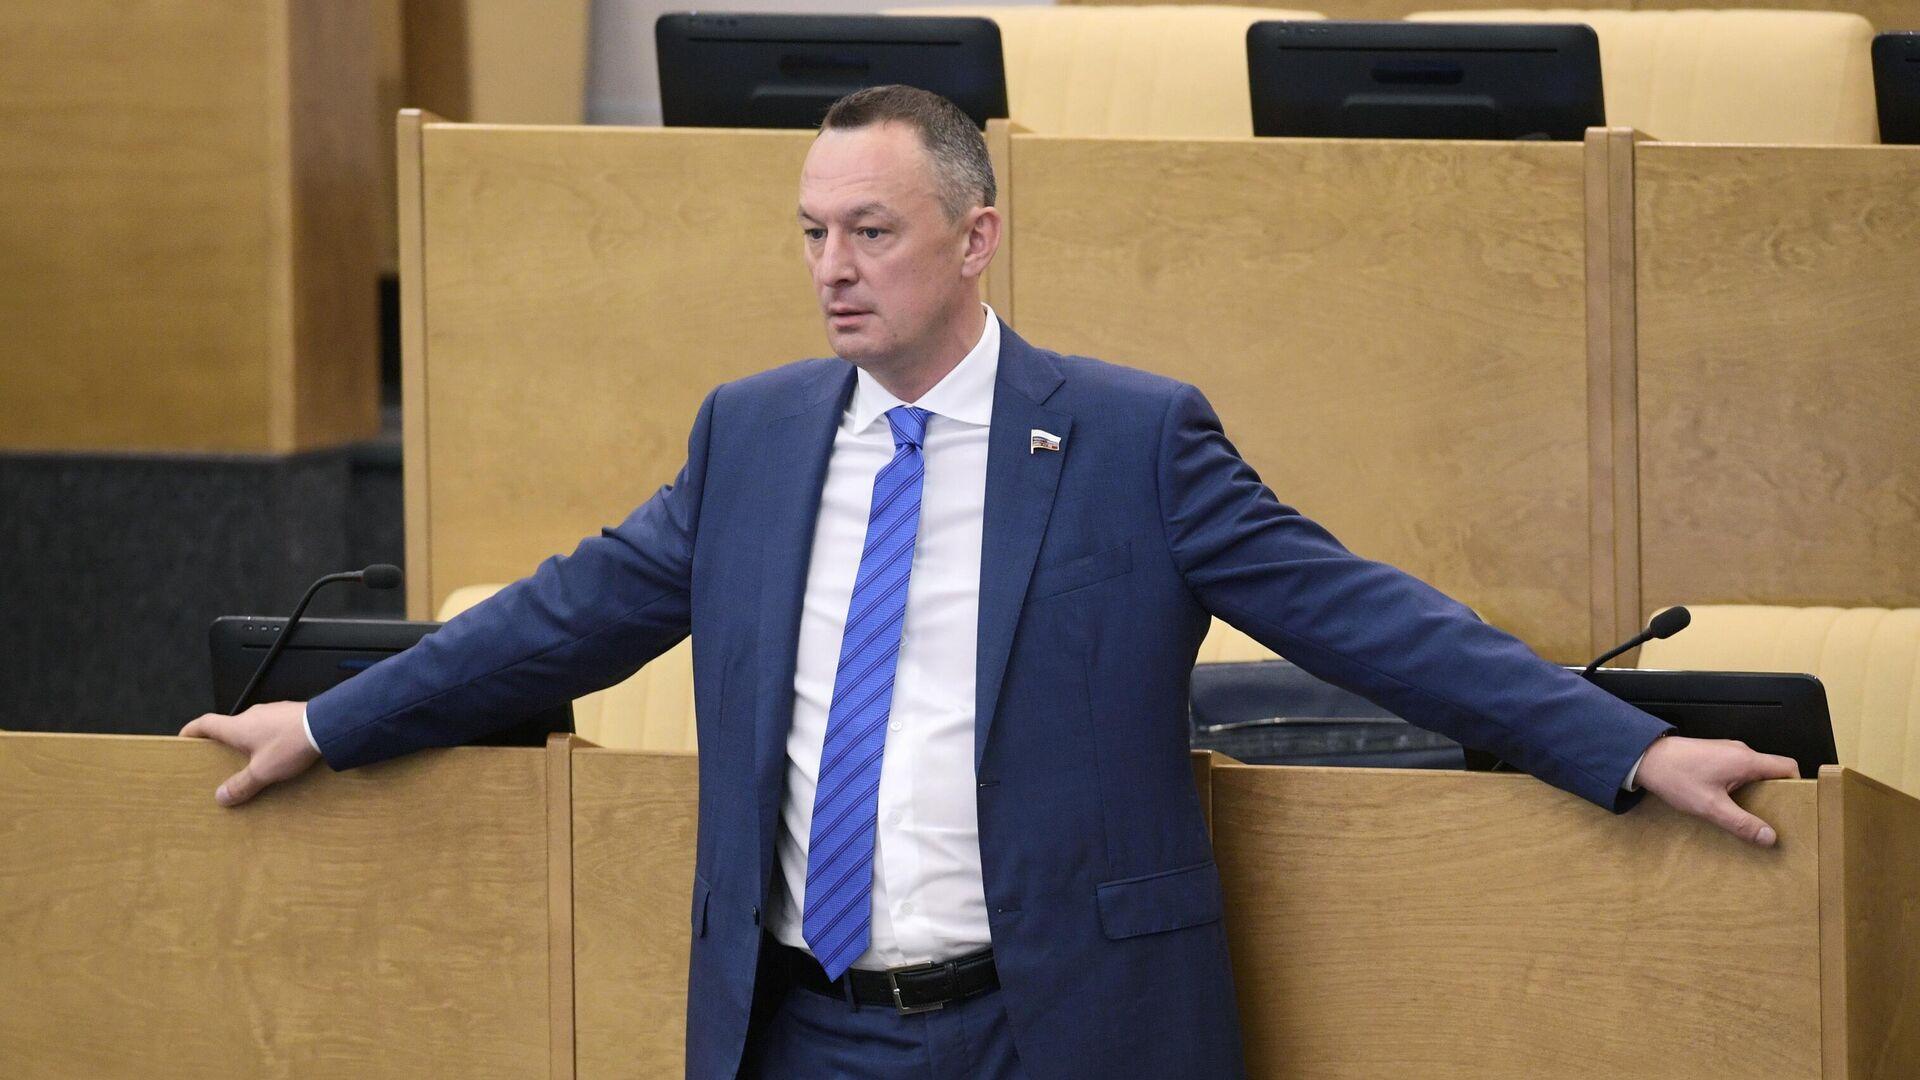 Курское отделение ЕР оценит поведение депутата на встрече с избирателями